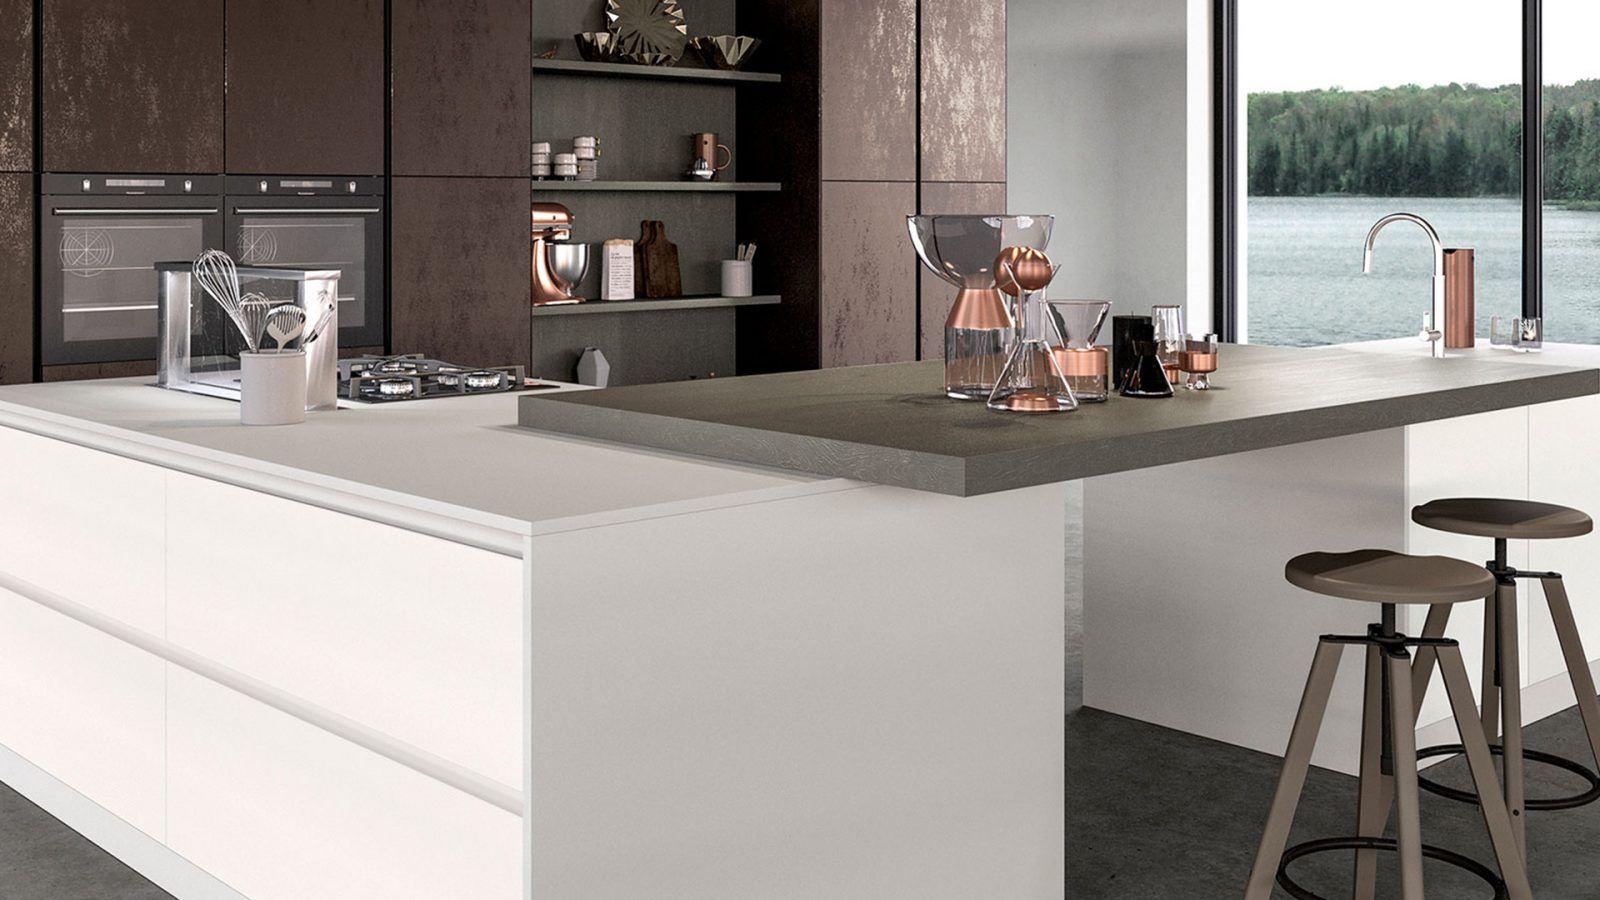 Cucine Su Misura Brescia cucina moderna lineare con colonna forno metri completa di